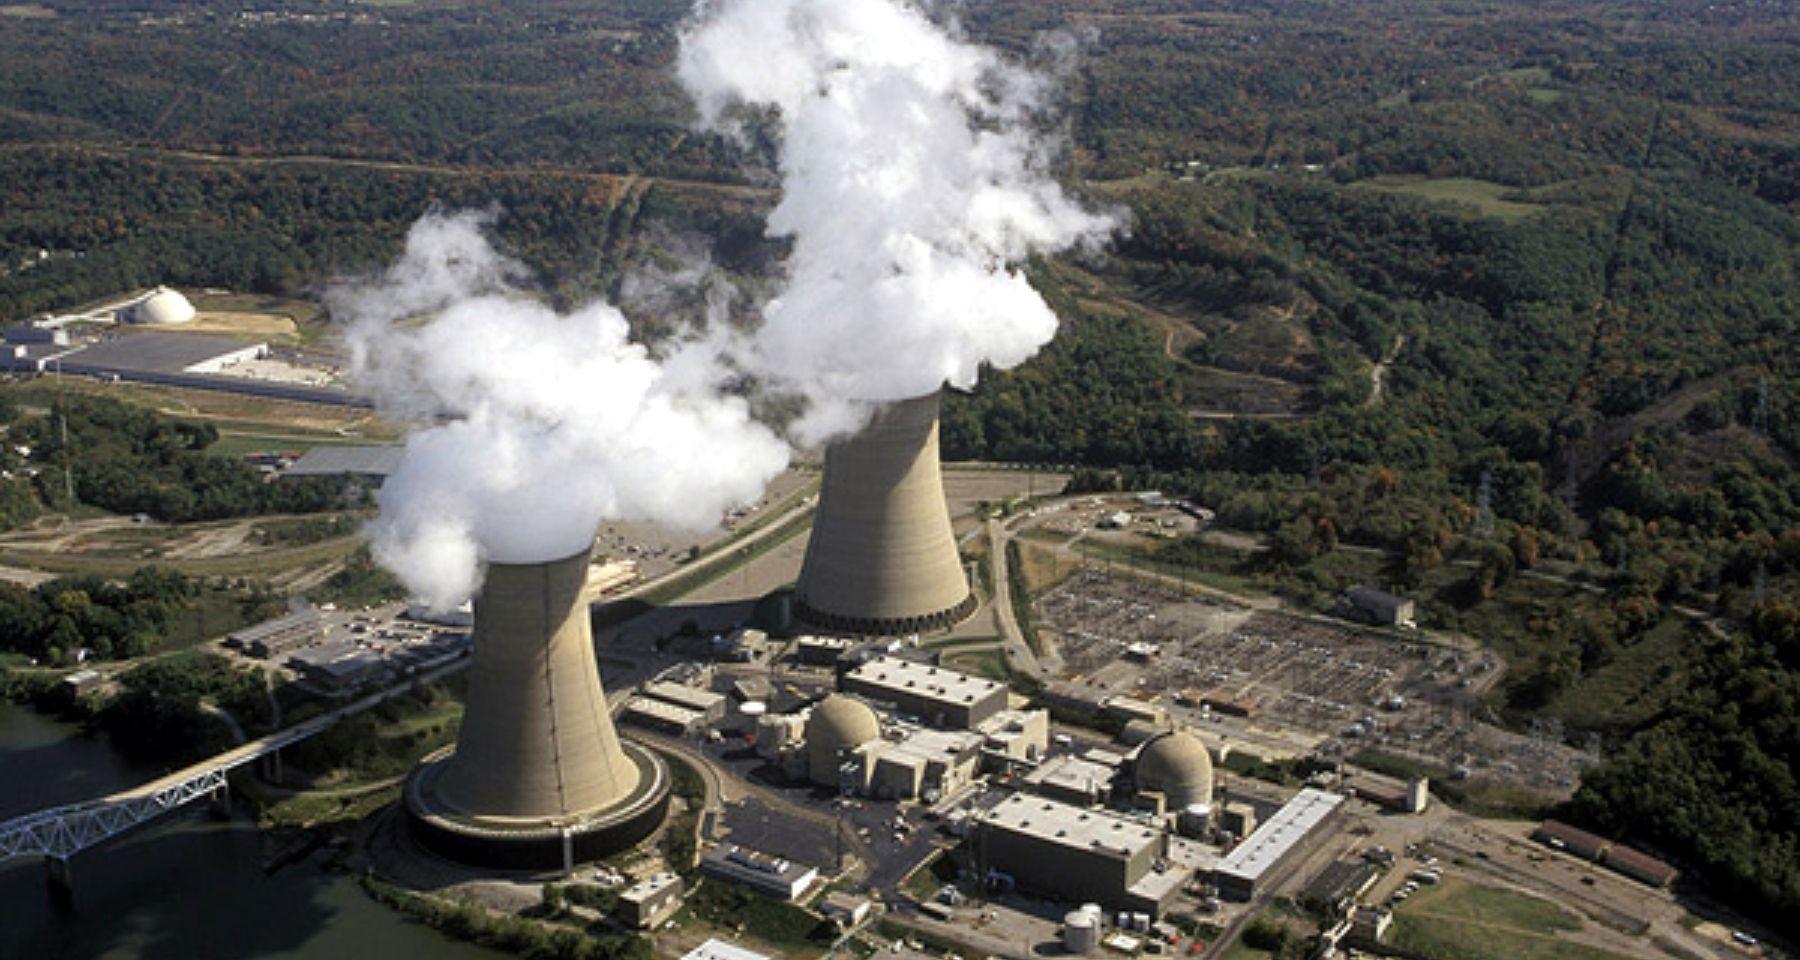 Presidente, ¡necesitamos hacer una central eléctrica para suministrar energía a las grandes industrias!